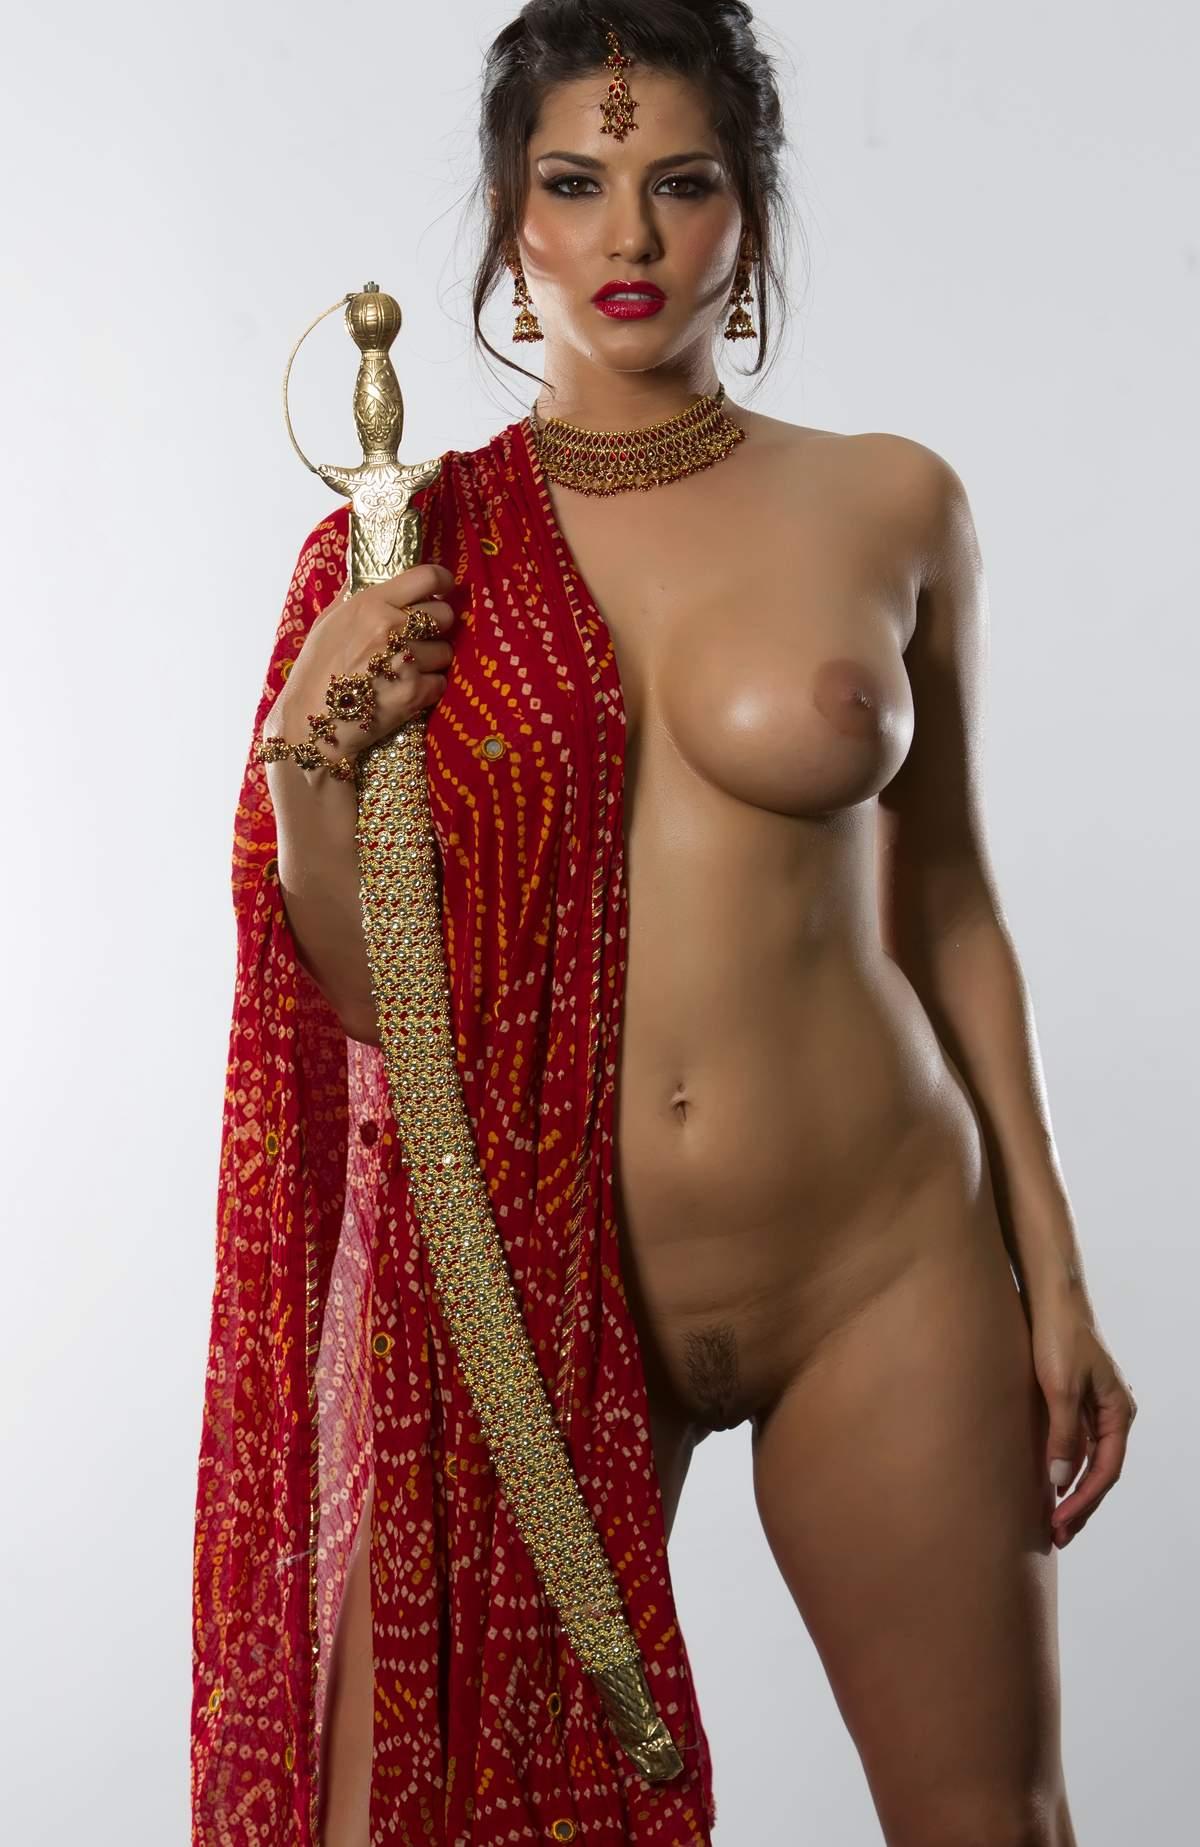 начну девушка голые фото индия знаю, так